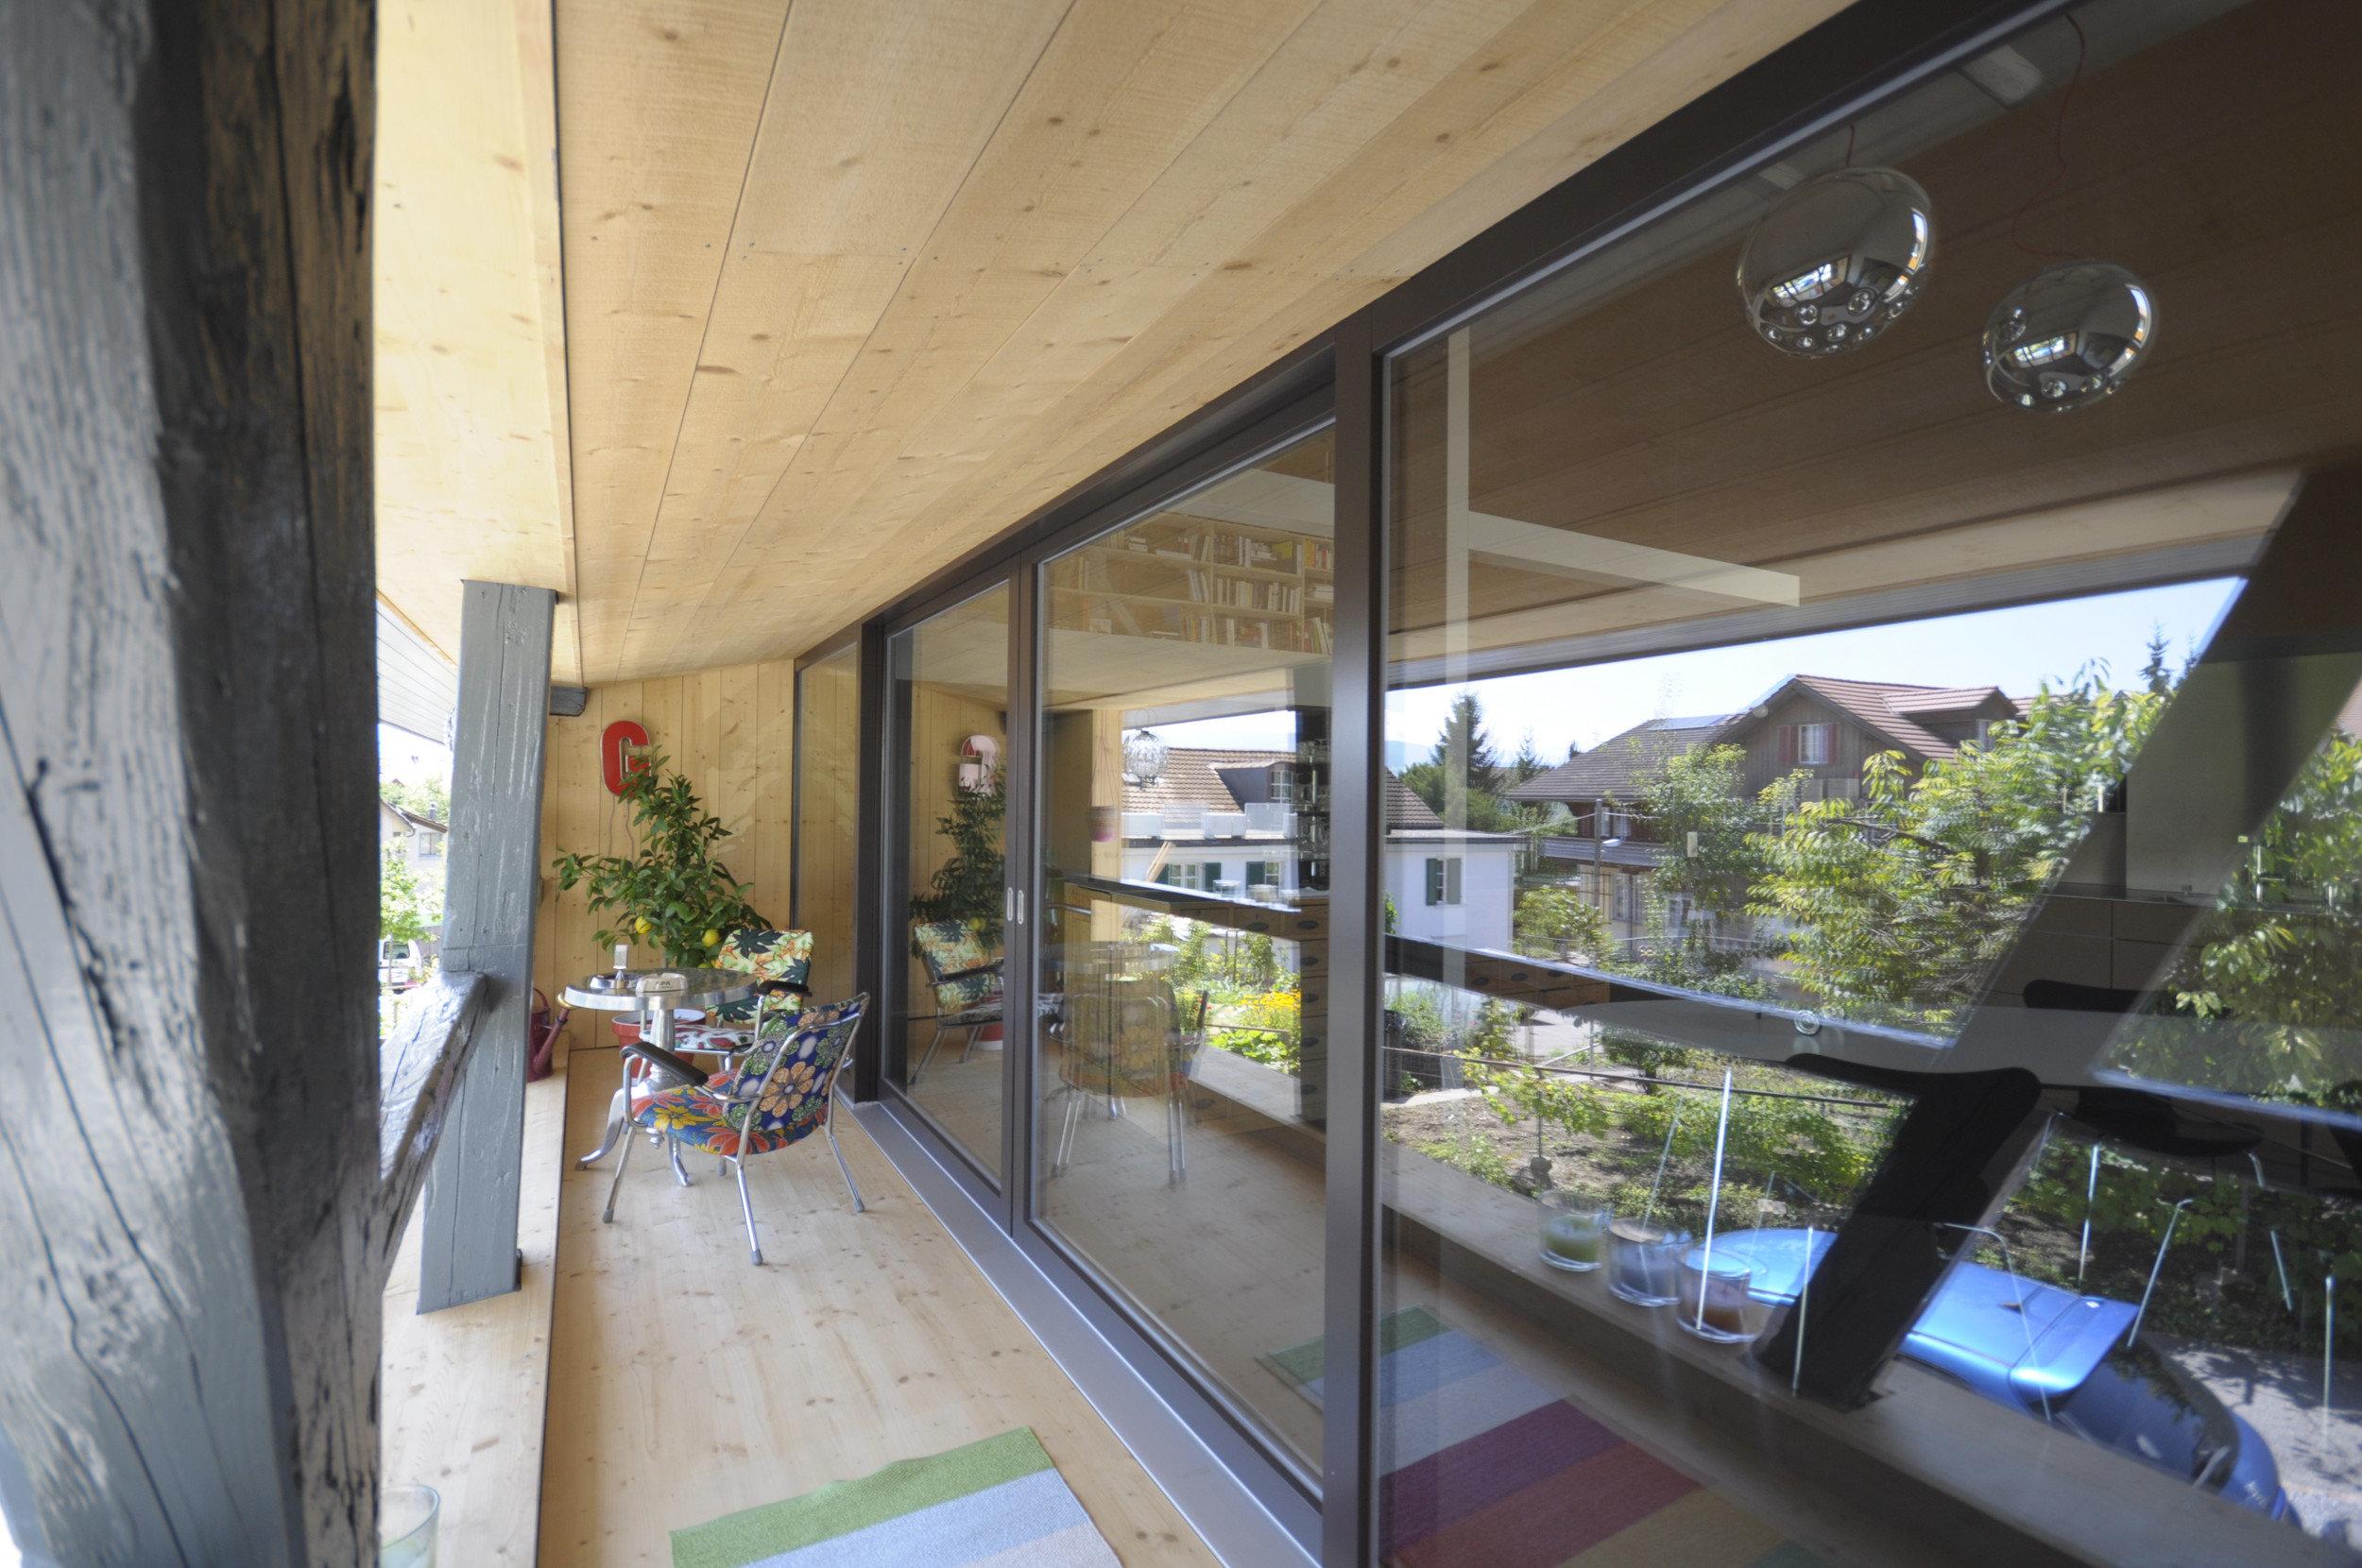 Terrassenbereich mit Fokus auf grosse Hebe-Schiebetüren die die Wand ersetzen